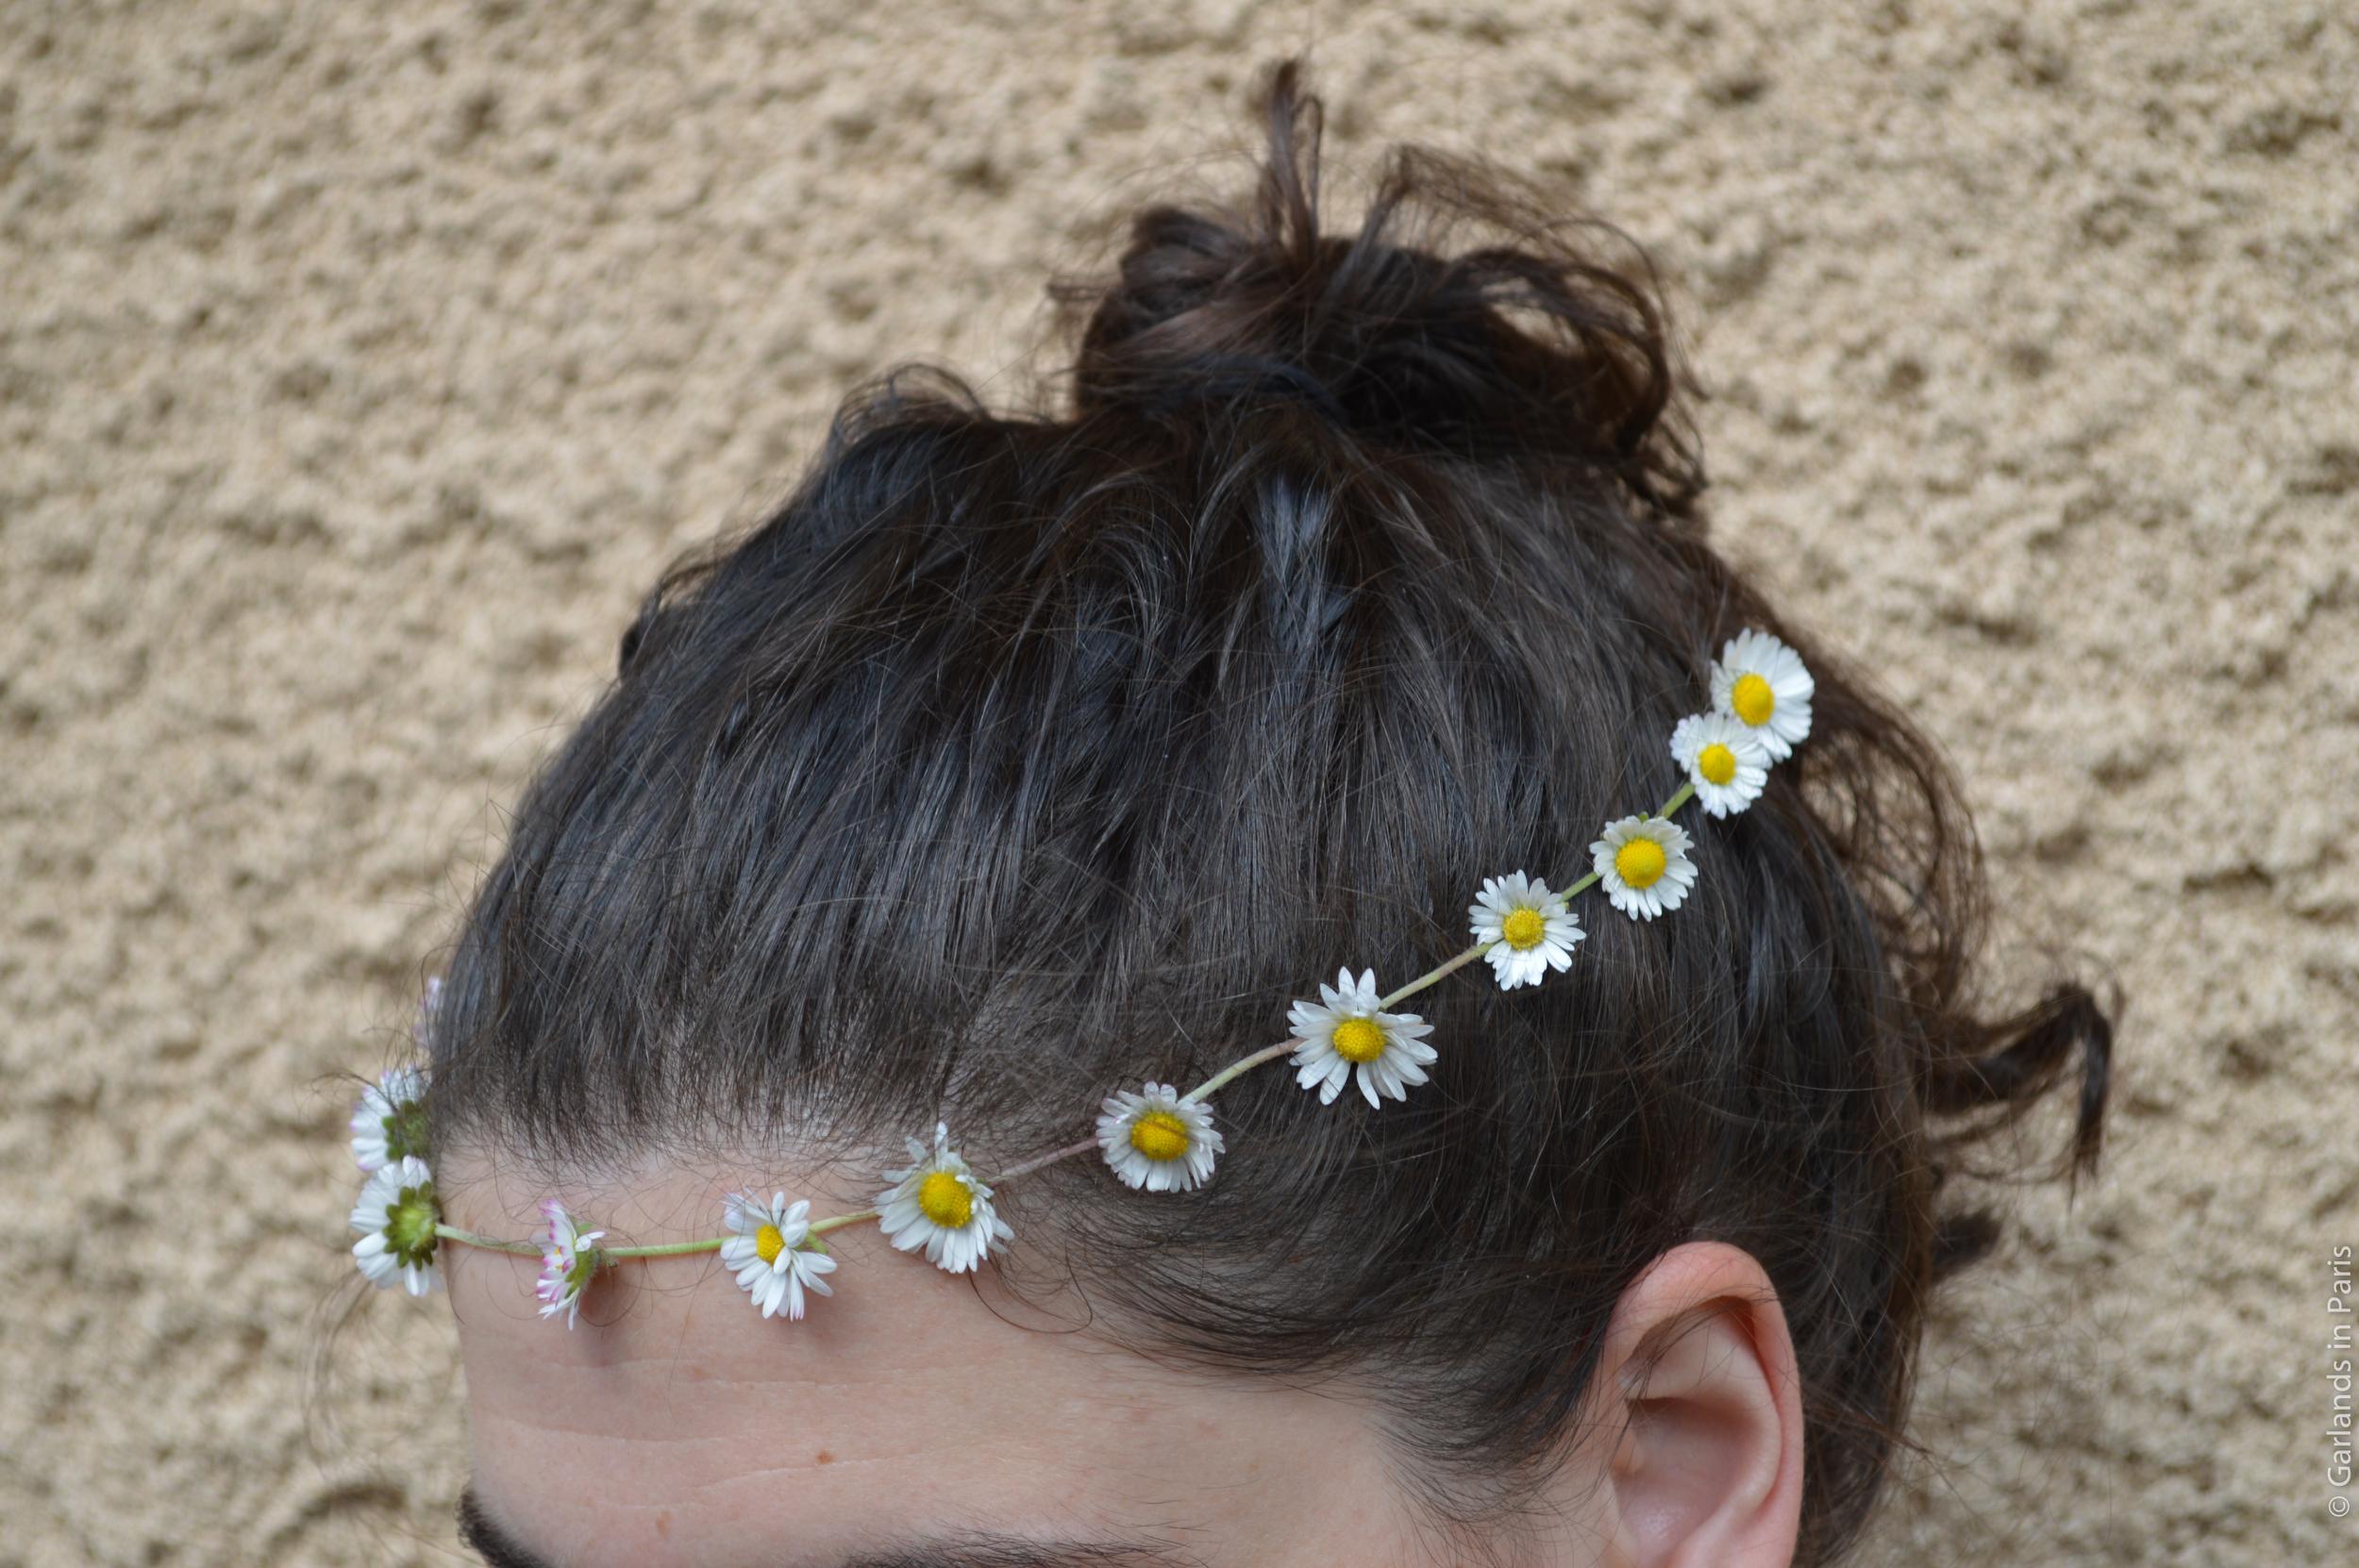 Daisy Chain Crown